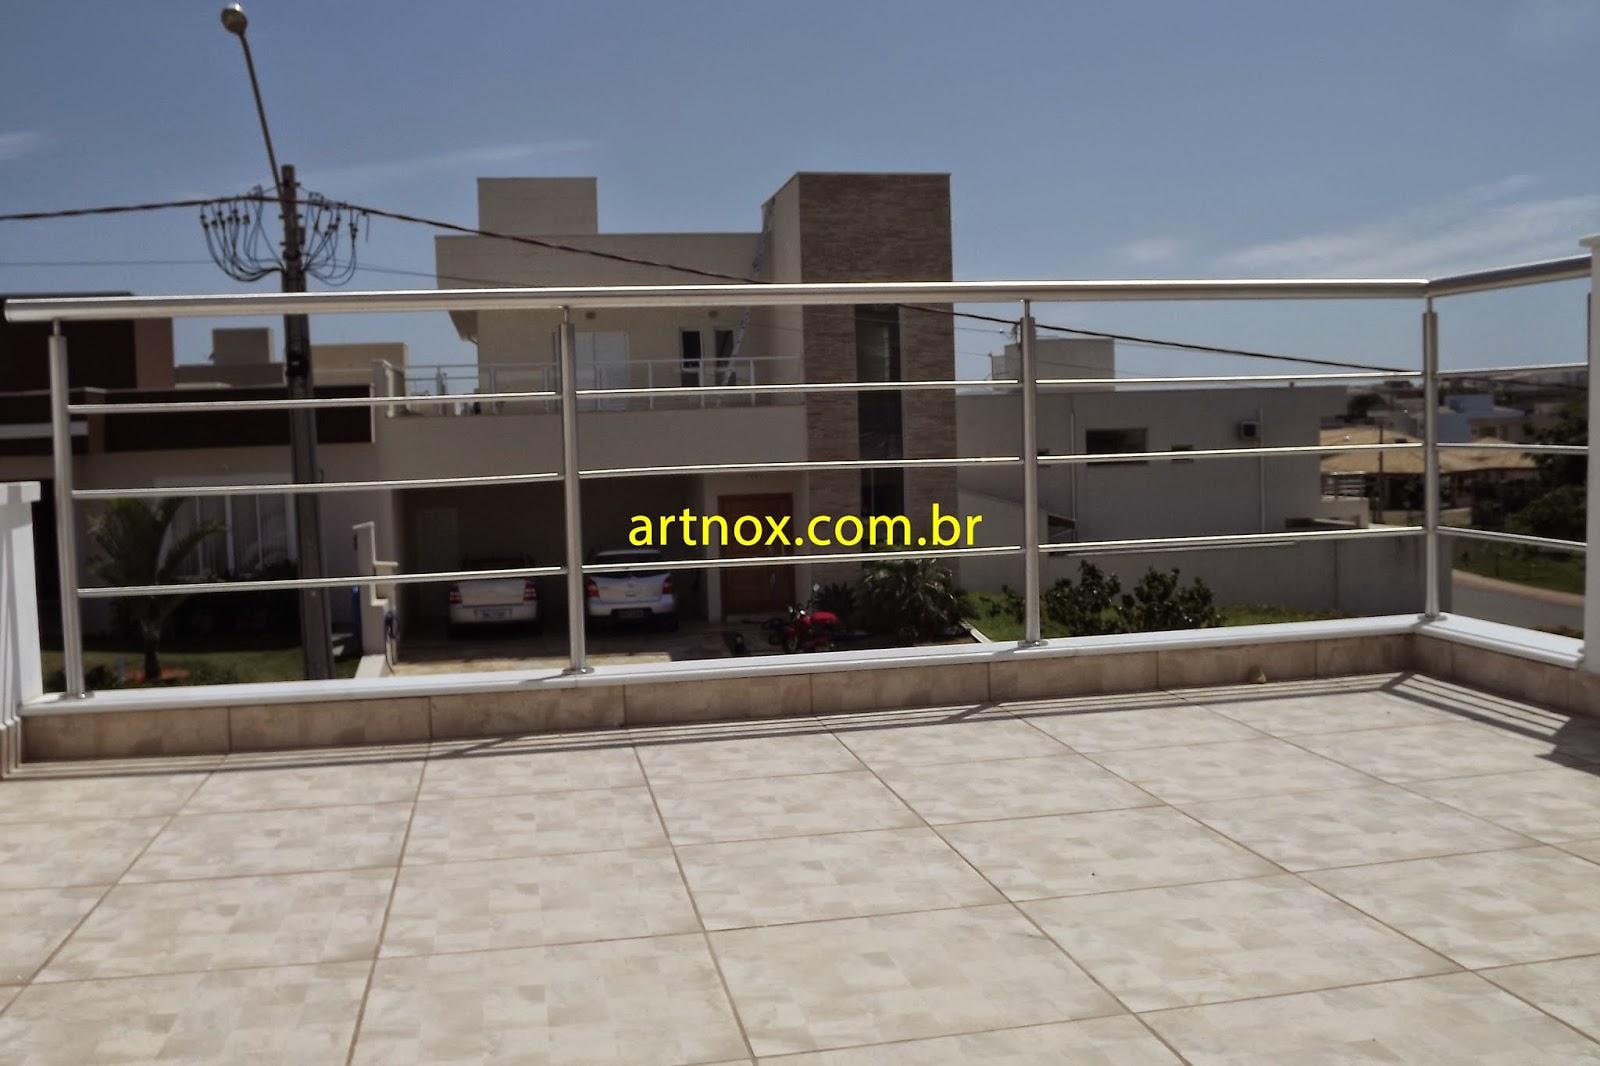 #B0AE1B  Guarda corpo em aço inox 304 escovado 3 tubinhos Guarulhos São Paulo 4376 Janela Aluminio Guarulhos